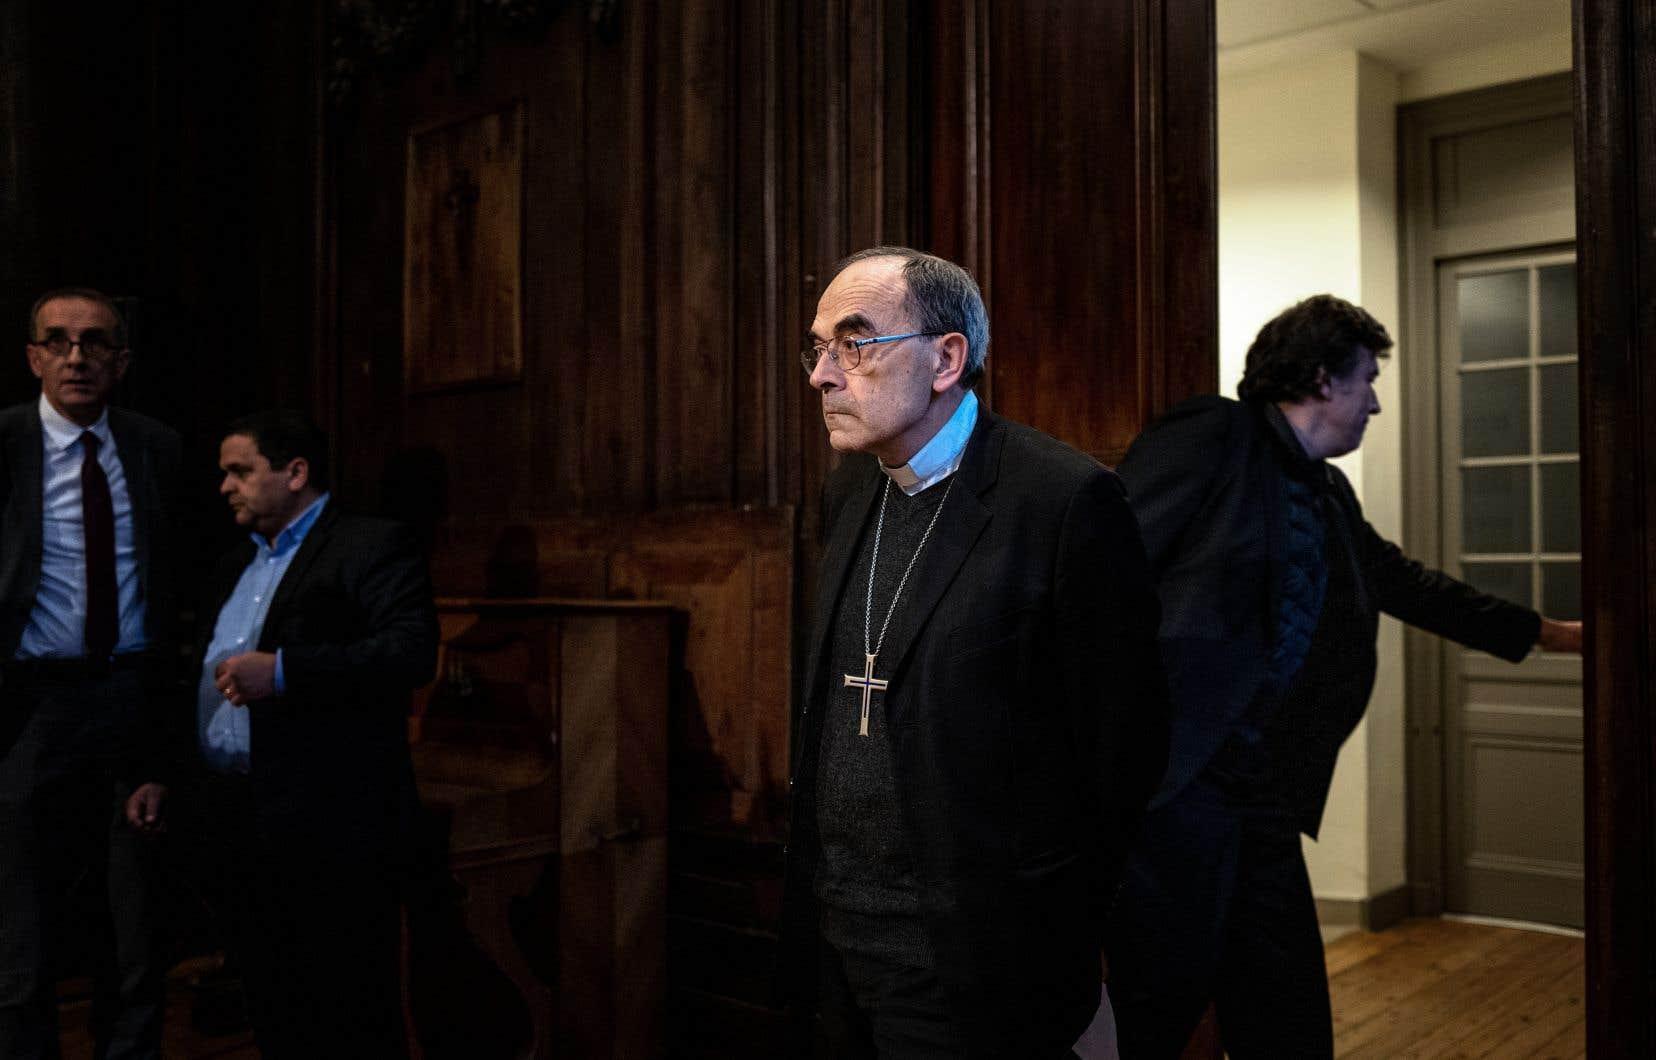 «C'est l'occasion d'ouvrir un nouveau chapitre. De nouveau je vais remettre ma charge d'archevêque de Lyon entre les mains du pape François», annoncé le cardinal Philippe Barbarin.